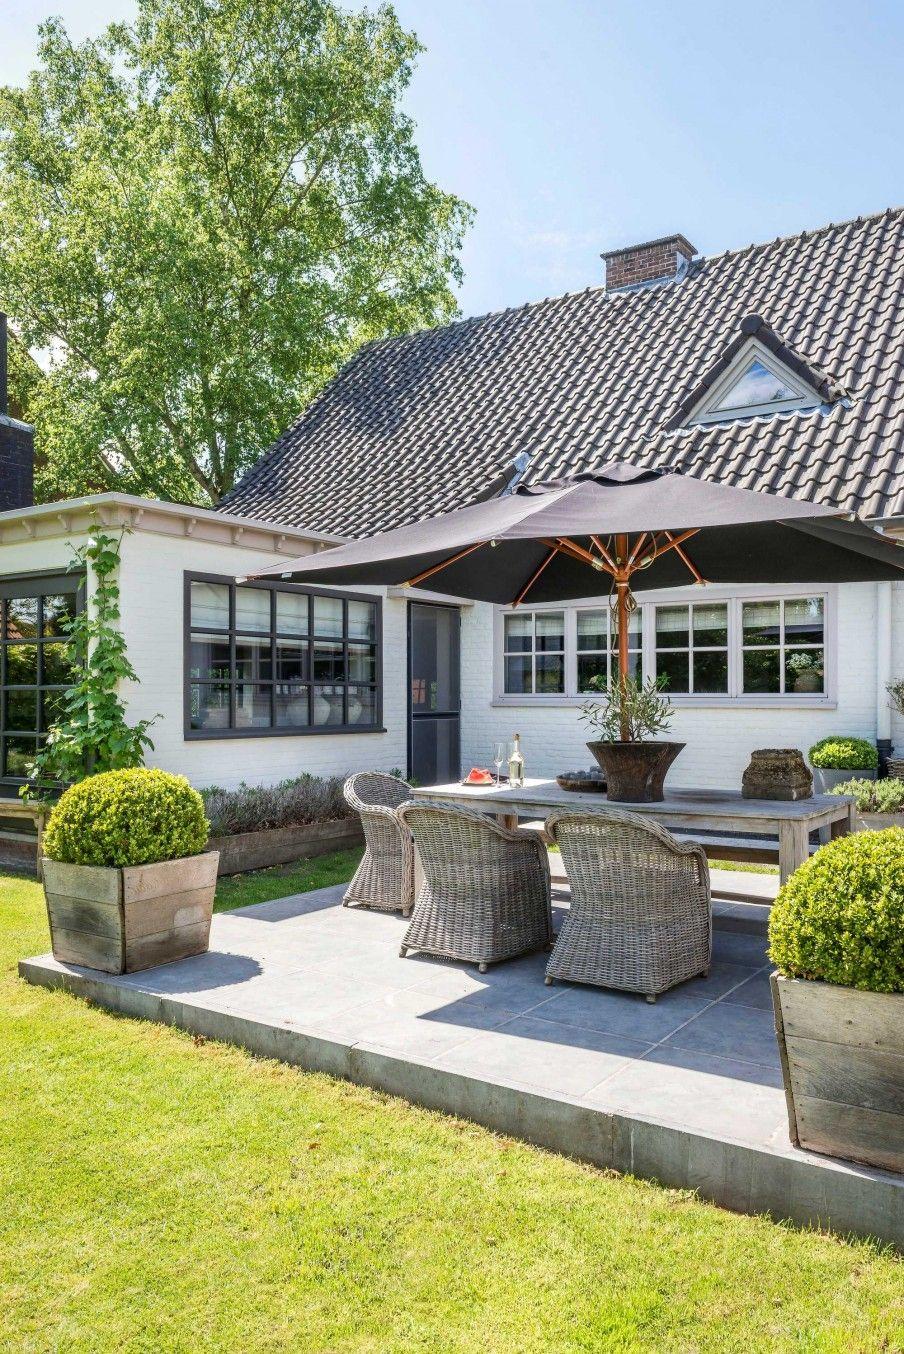 Une Maison Grise En Belgique | Terrasse Arrière, Pièces À ... encequiconcerne Amenagement Jardin Belgique